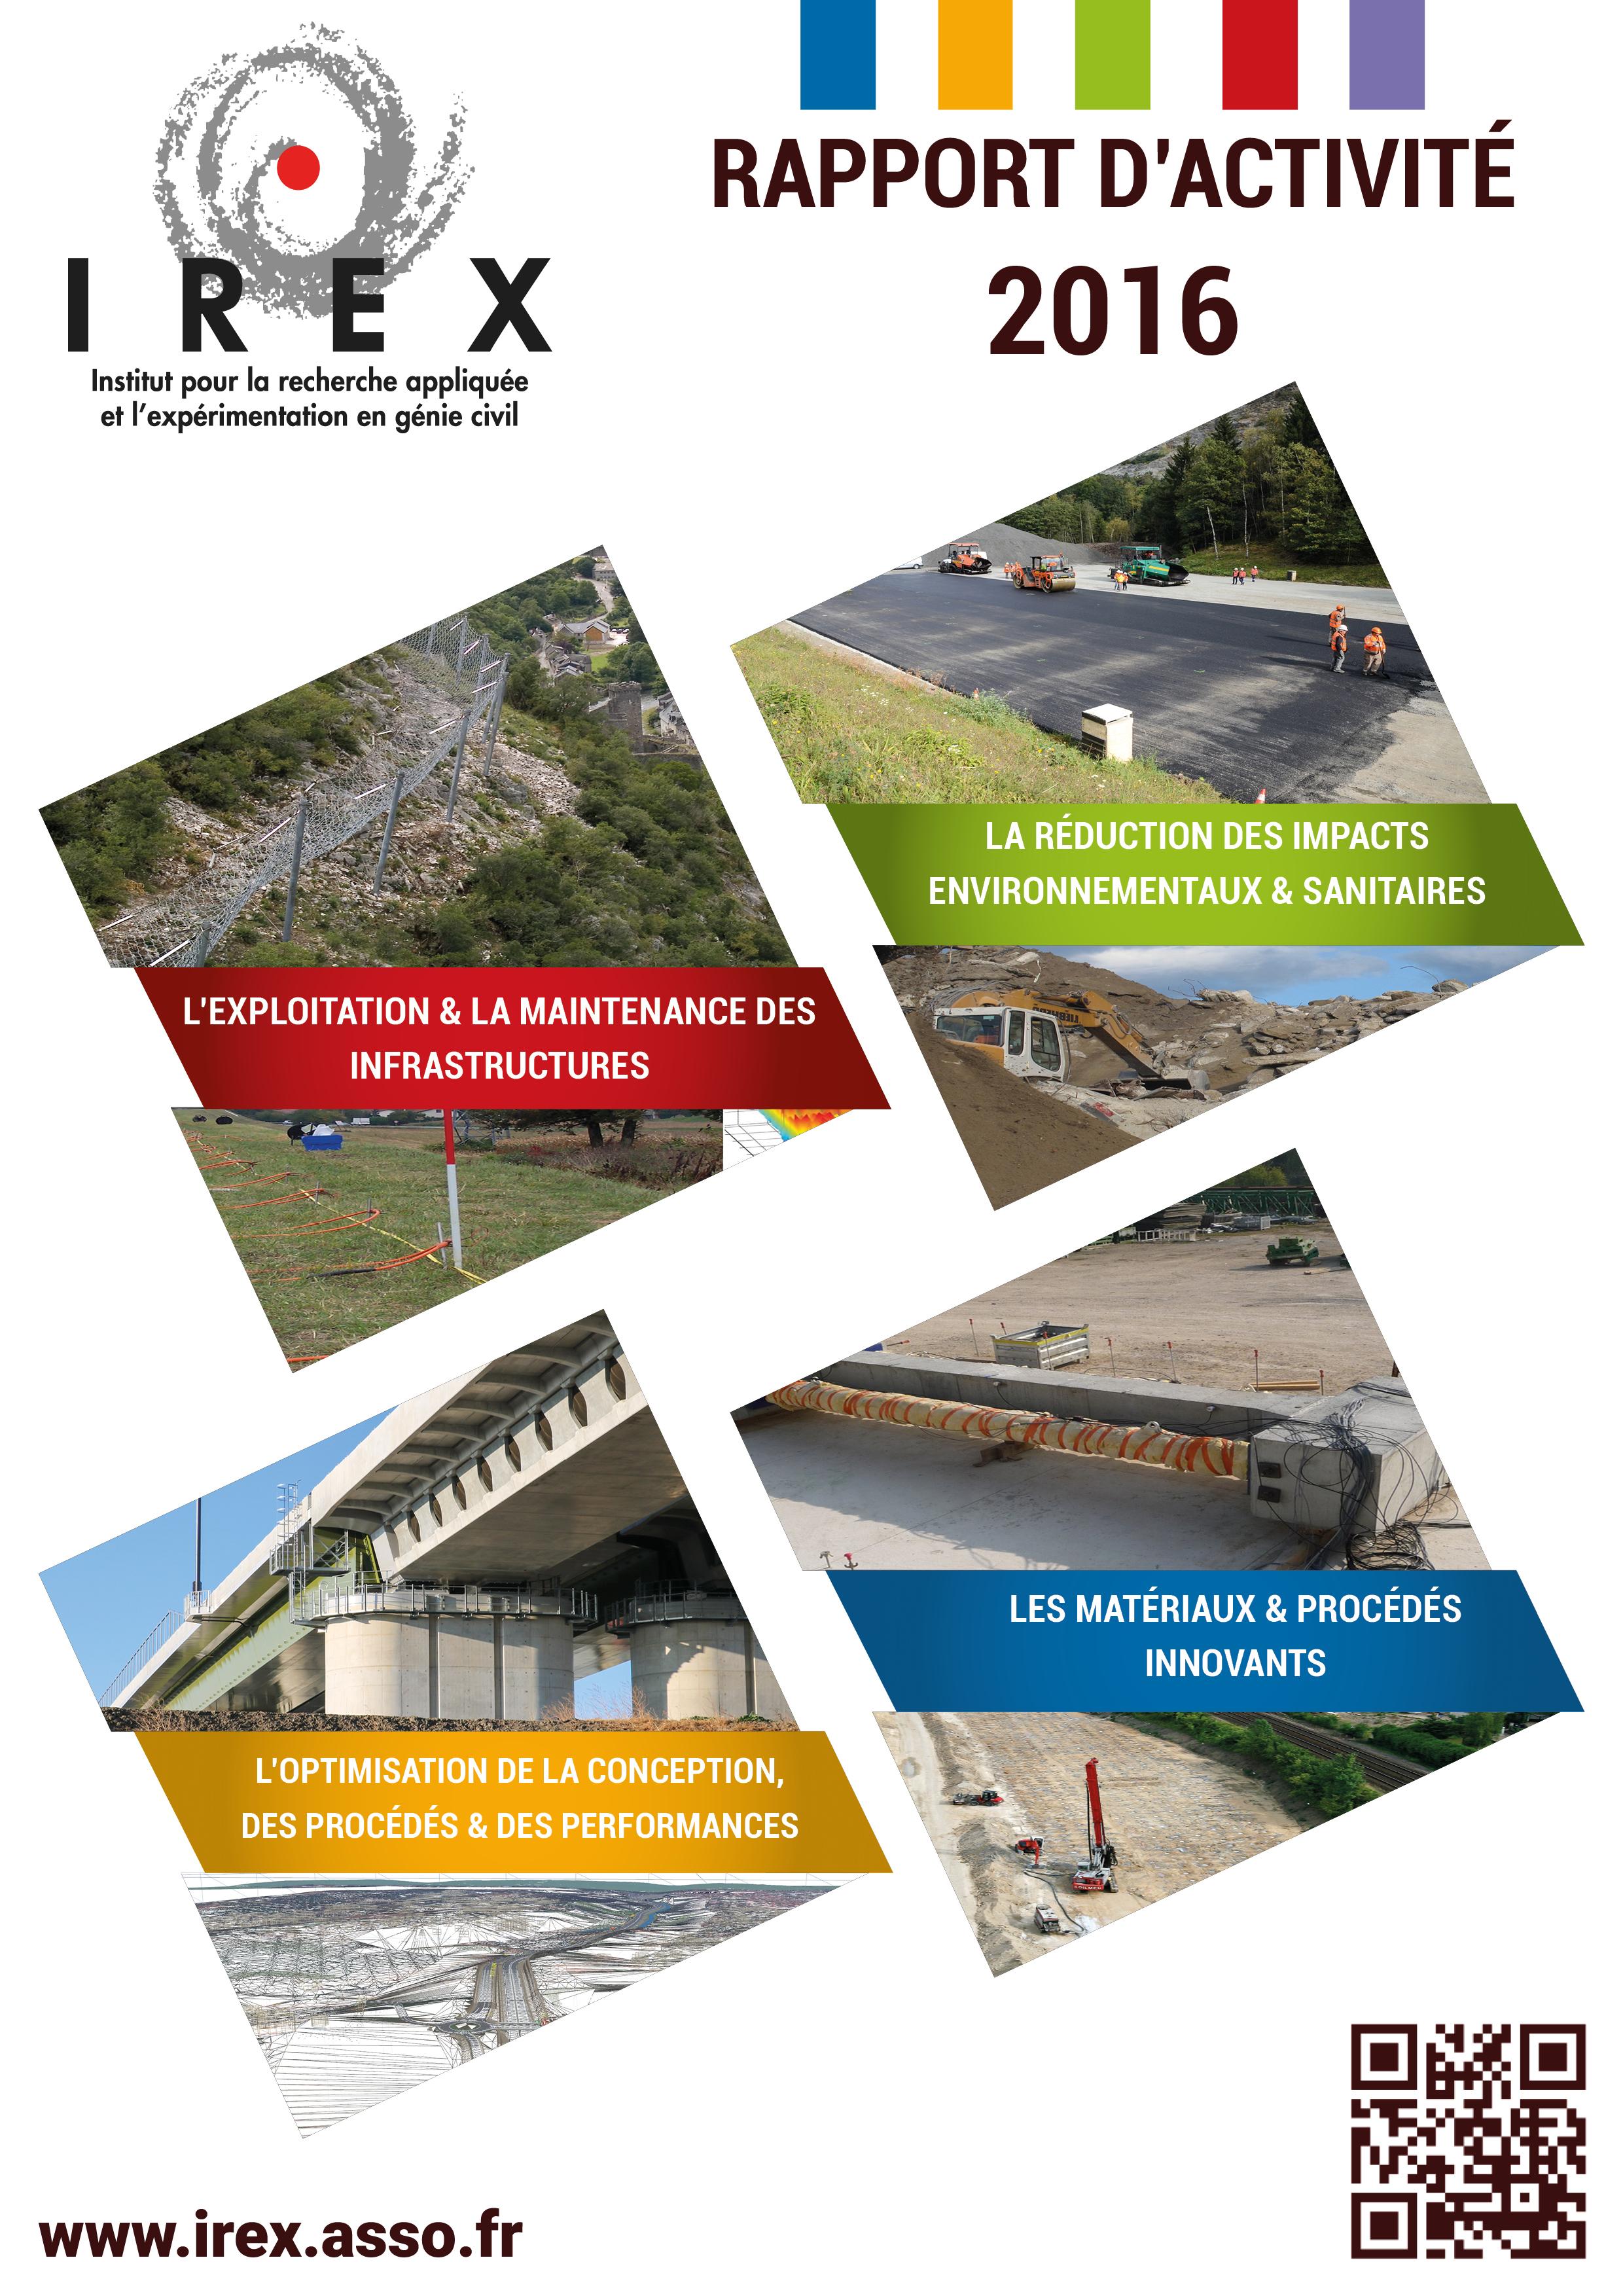 Le rapport d'activité 2016 est disponible !